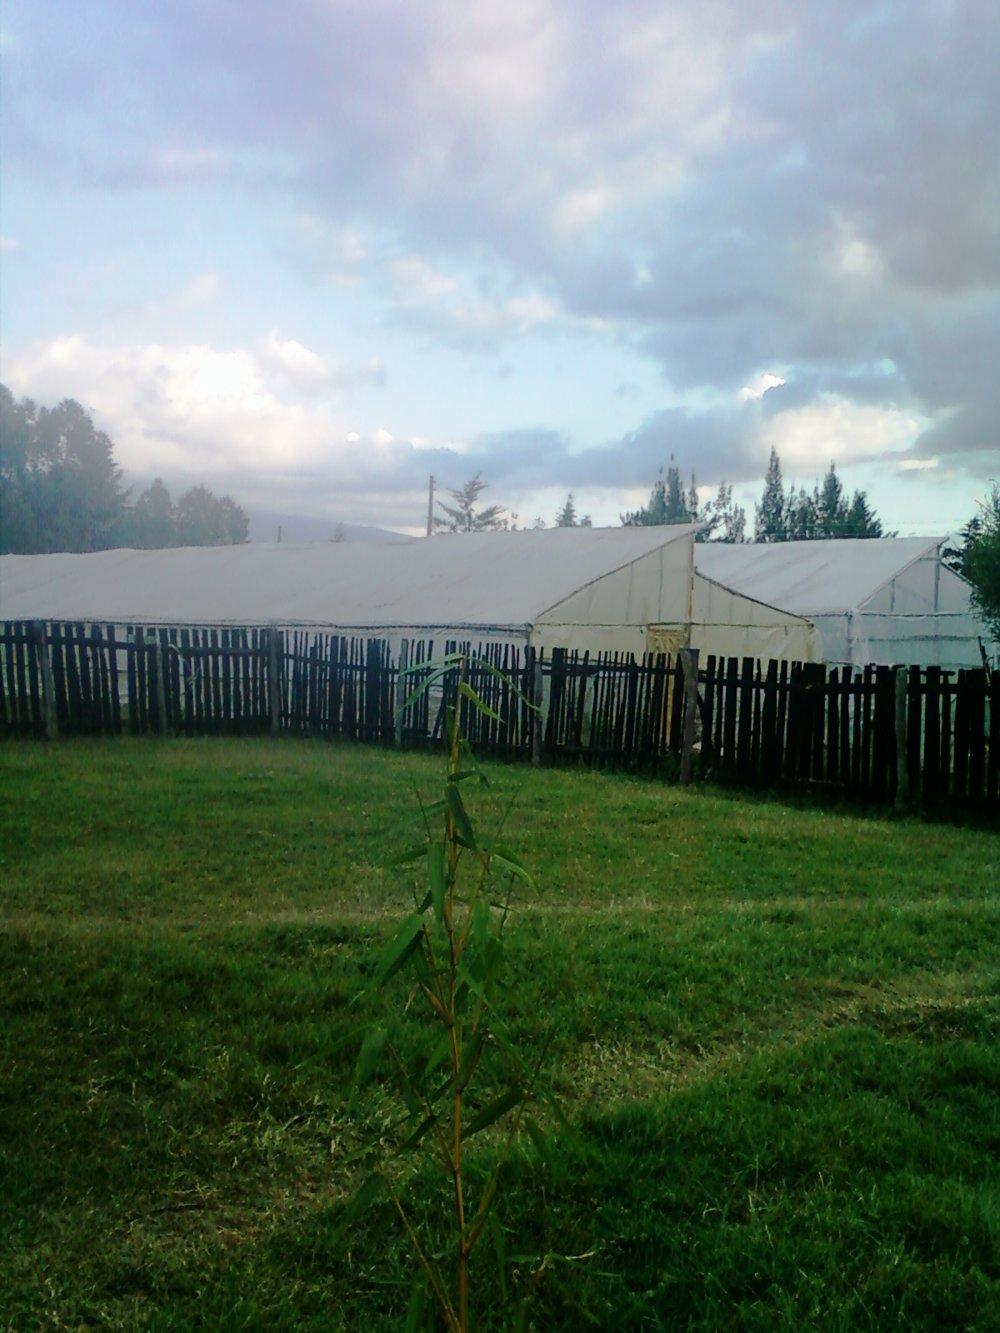 Keňa nie je priveľmi pohostinnou krajinou pre poľnohospodárstvo.